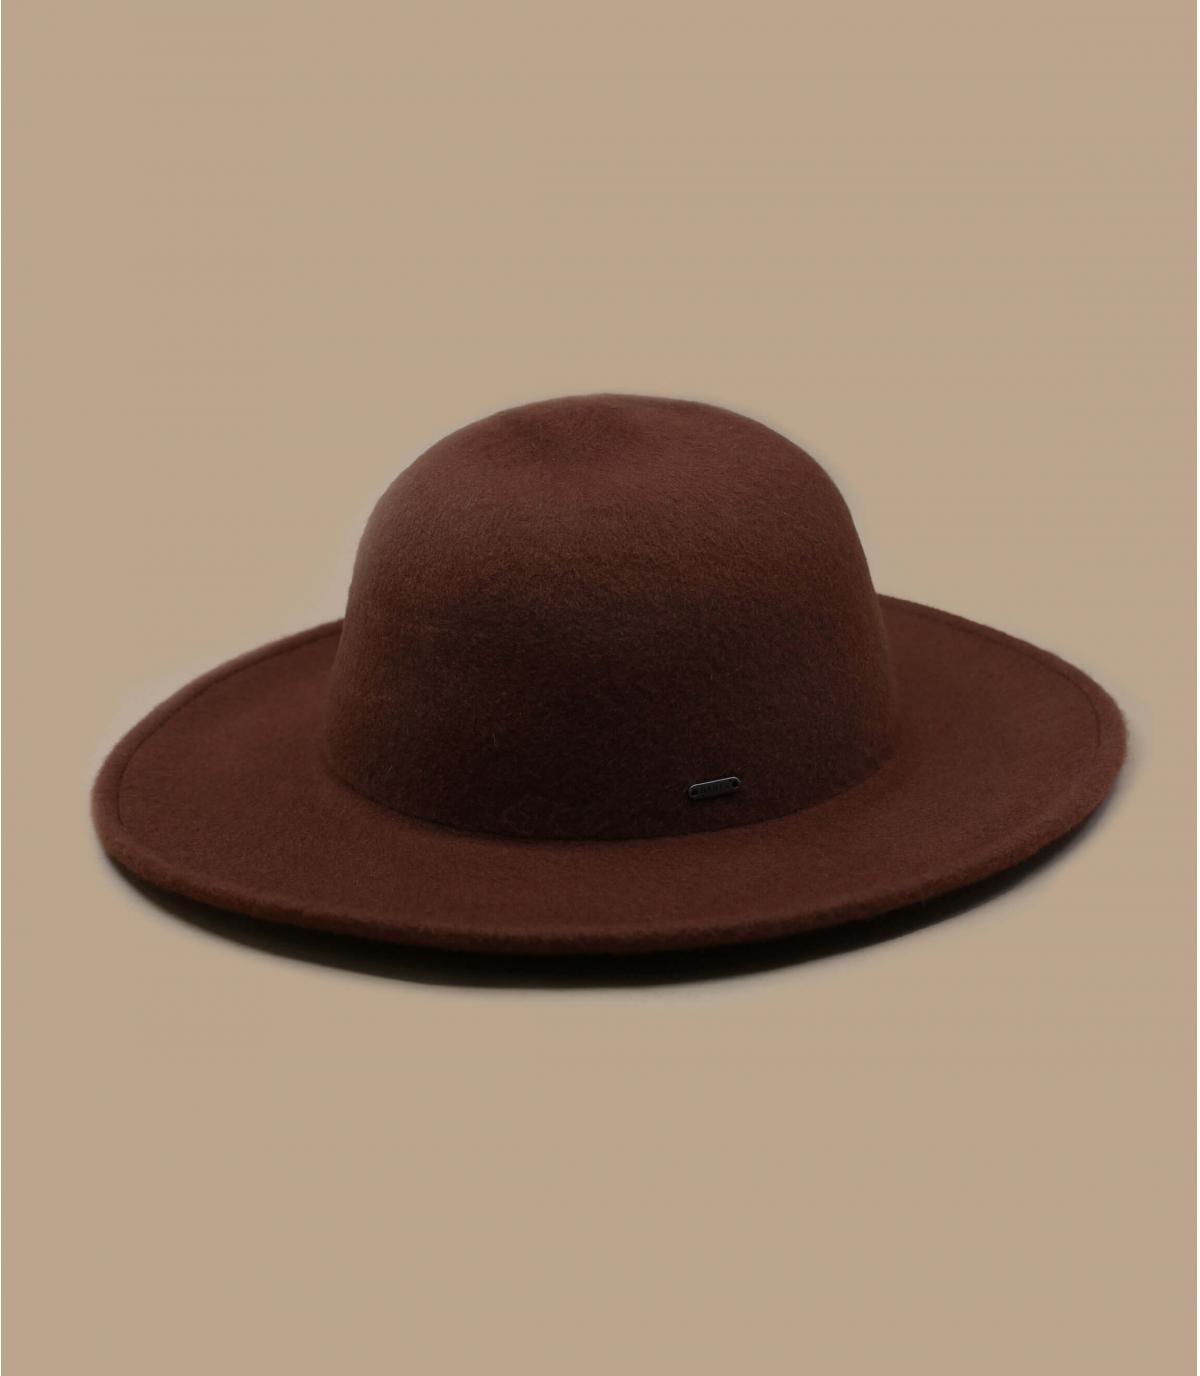 Detalles Noleta Hat brown imagen 3